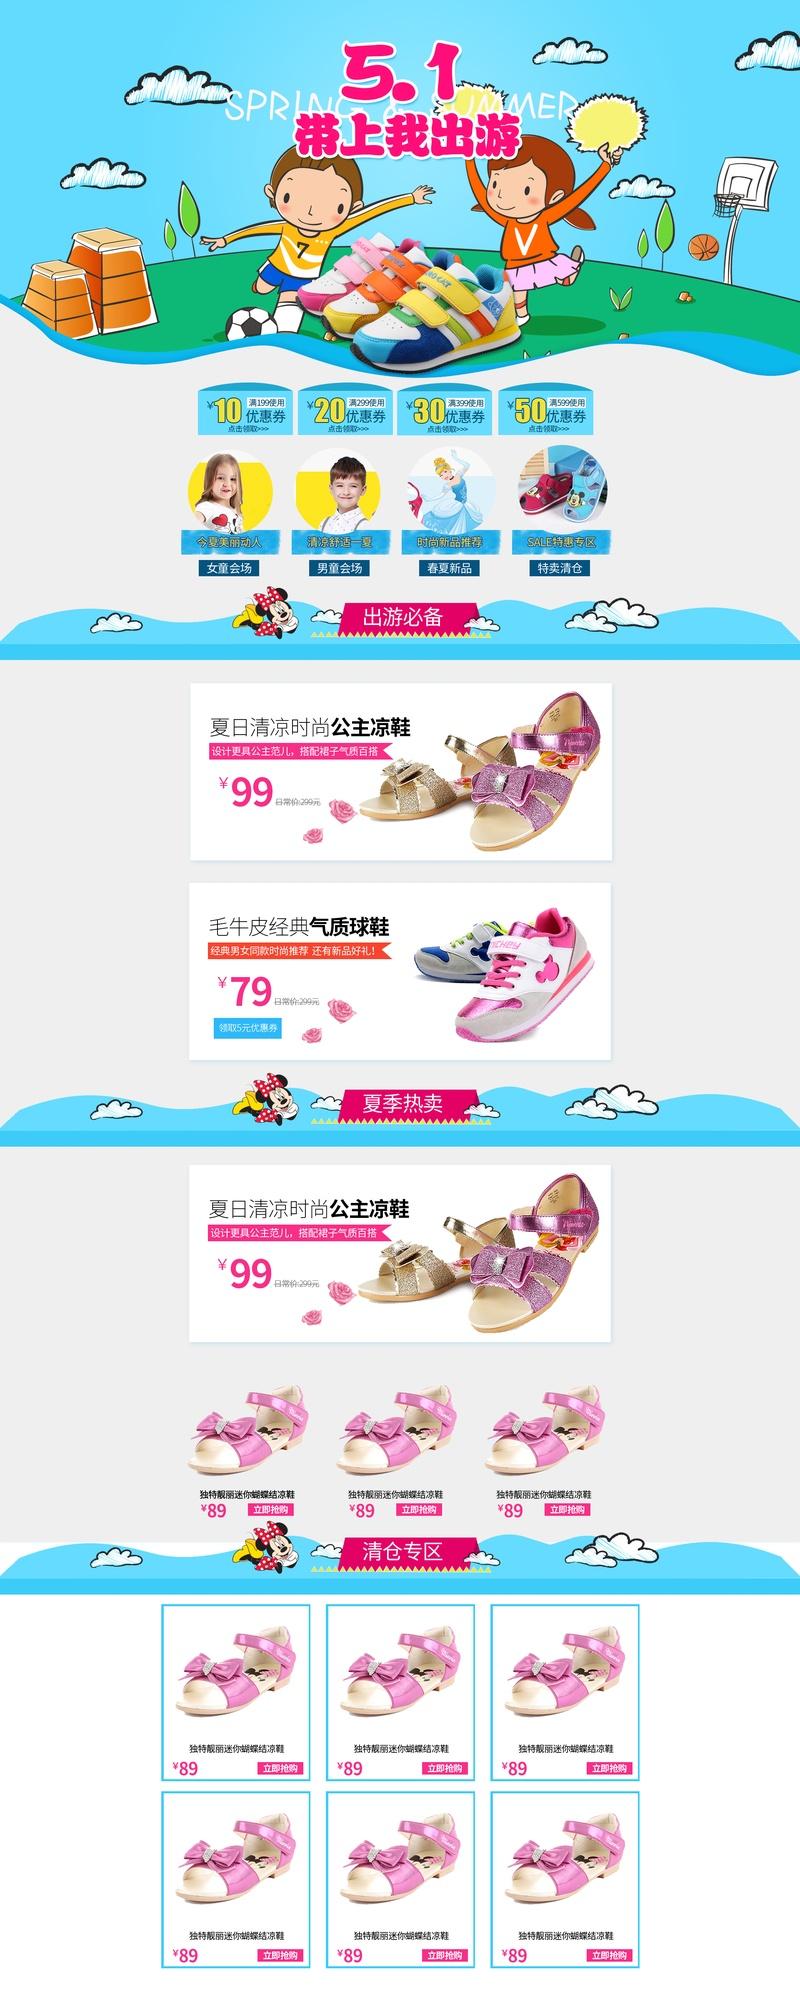 唯美卡通风时尚五一出游季踏春童鞋首页模板